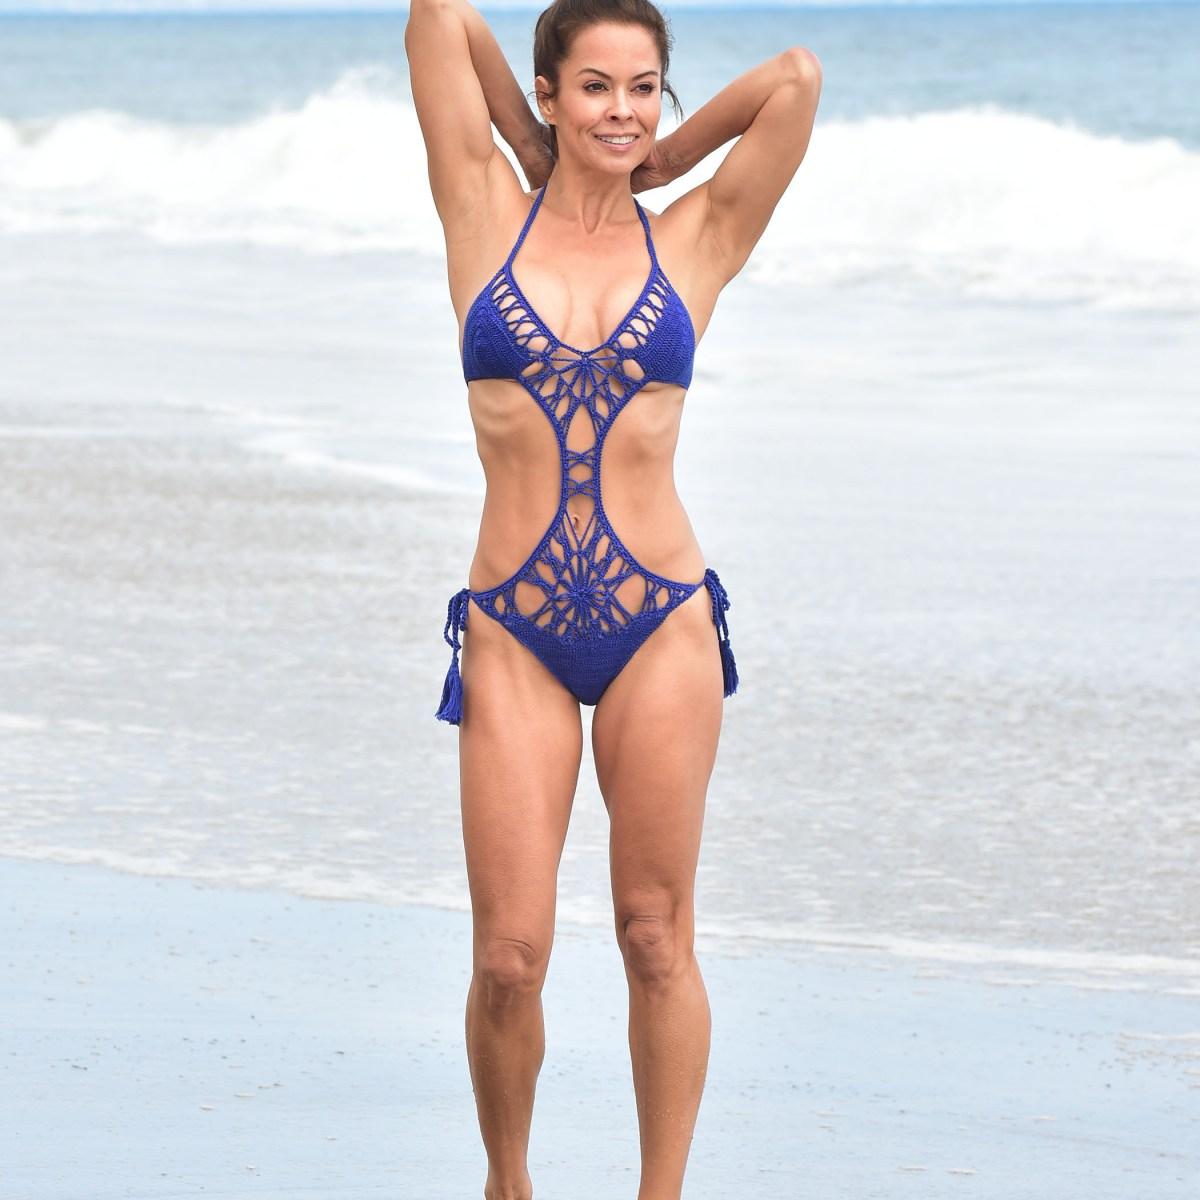 Brooke Burke, 47, Shows Off Her Bikini Body While Taking a Walk on the Beach — See How Great She Looks!